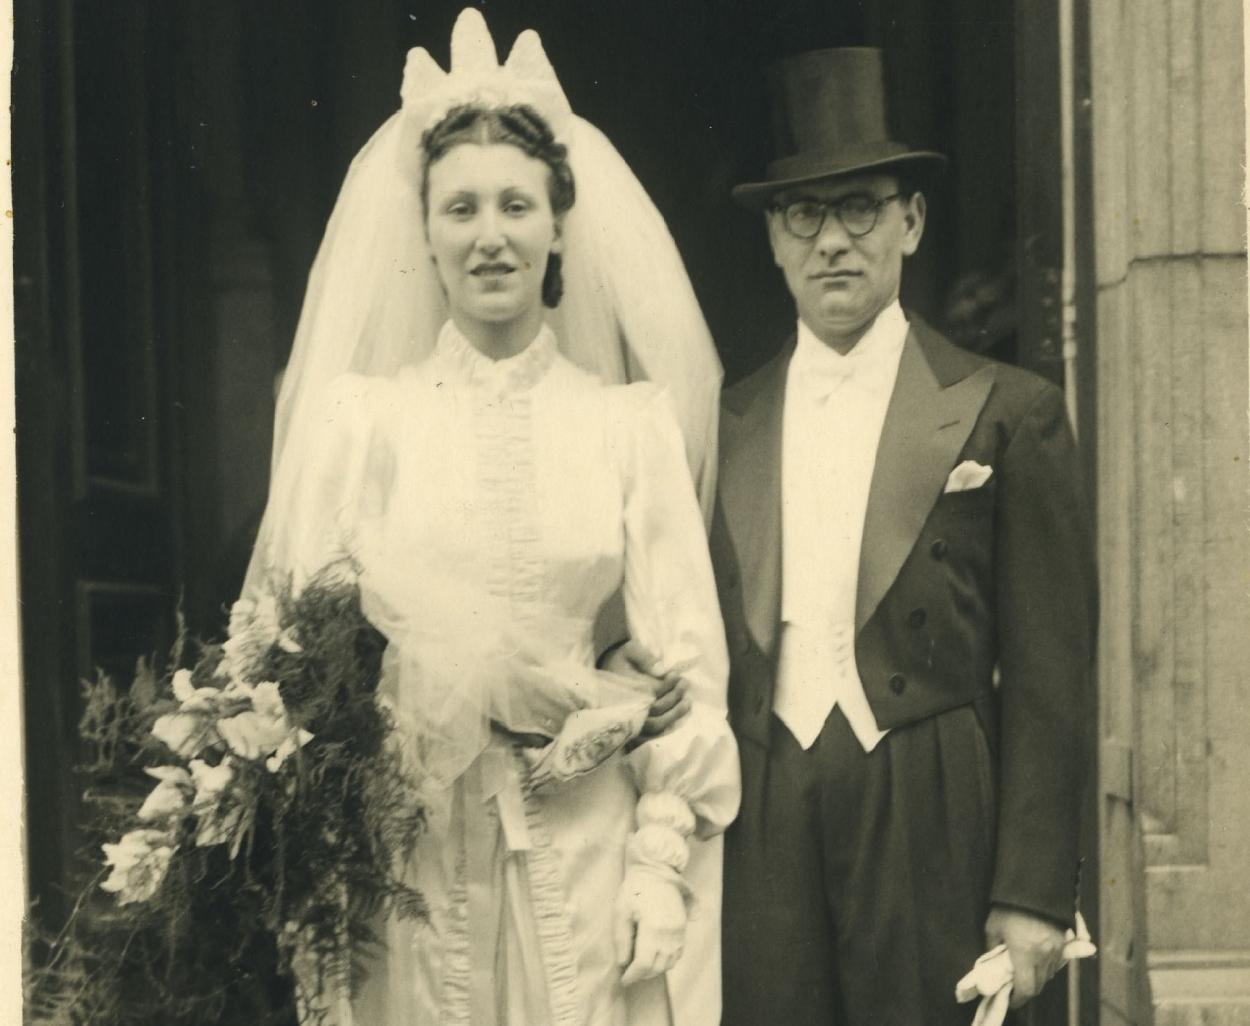 huwelijksfoto ouders norbert